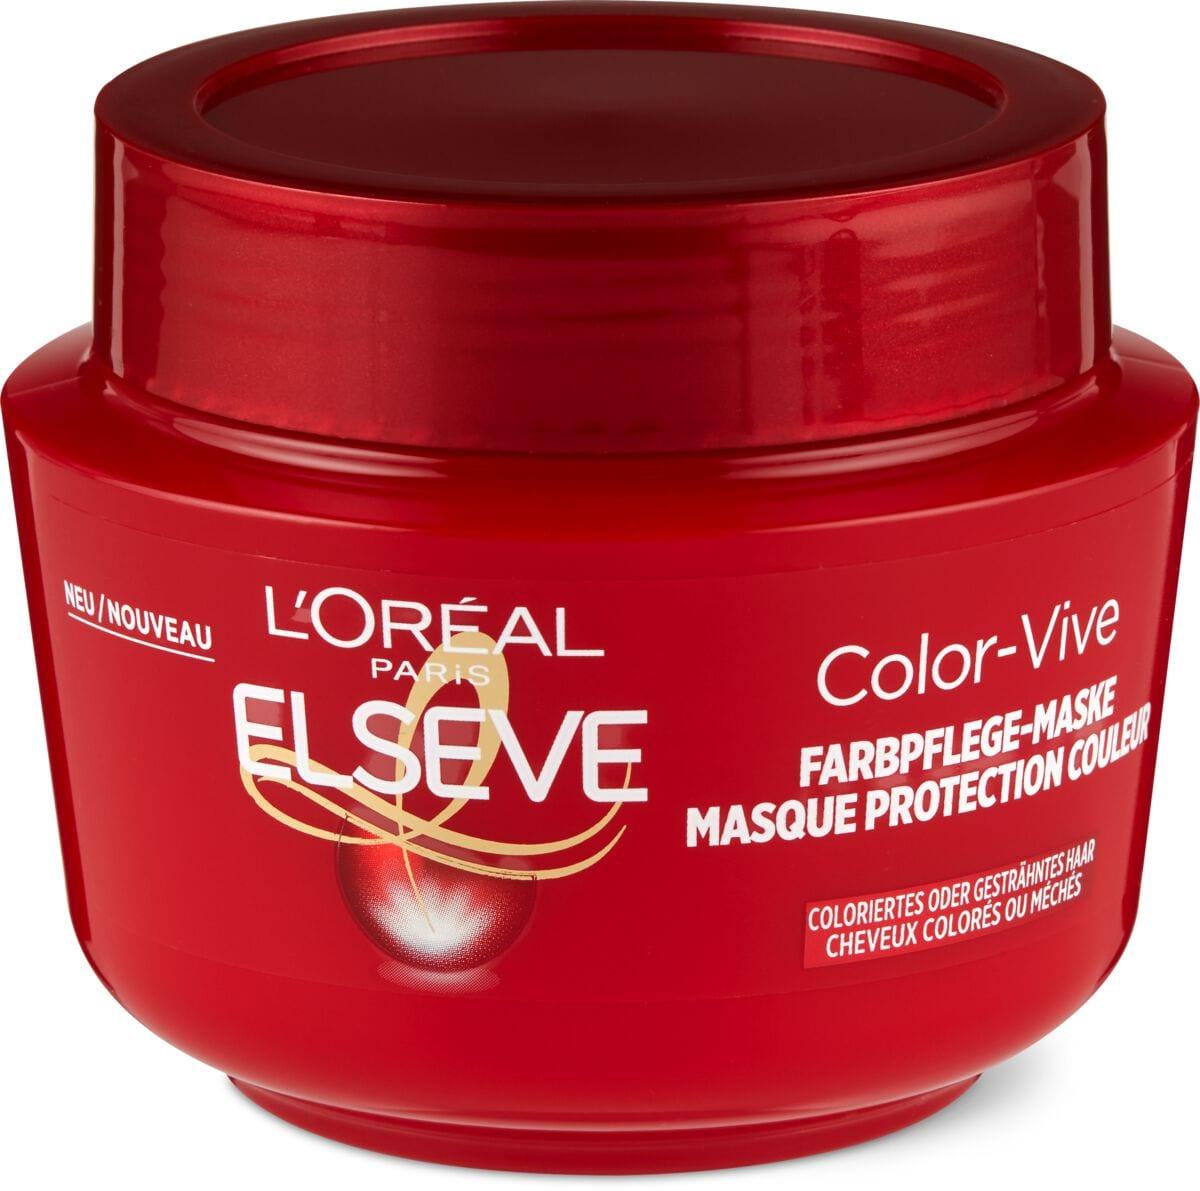 L'Oréal Elseve Masque Color-Vive